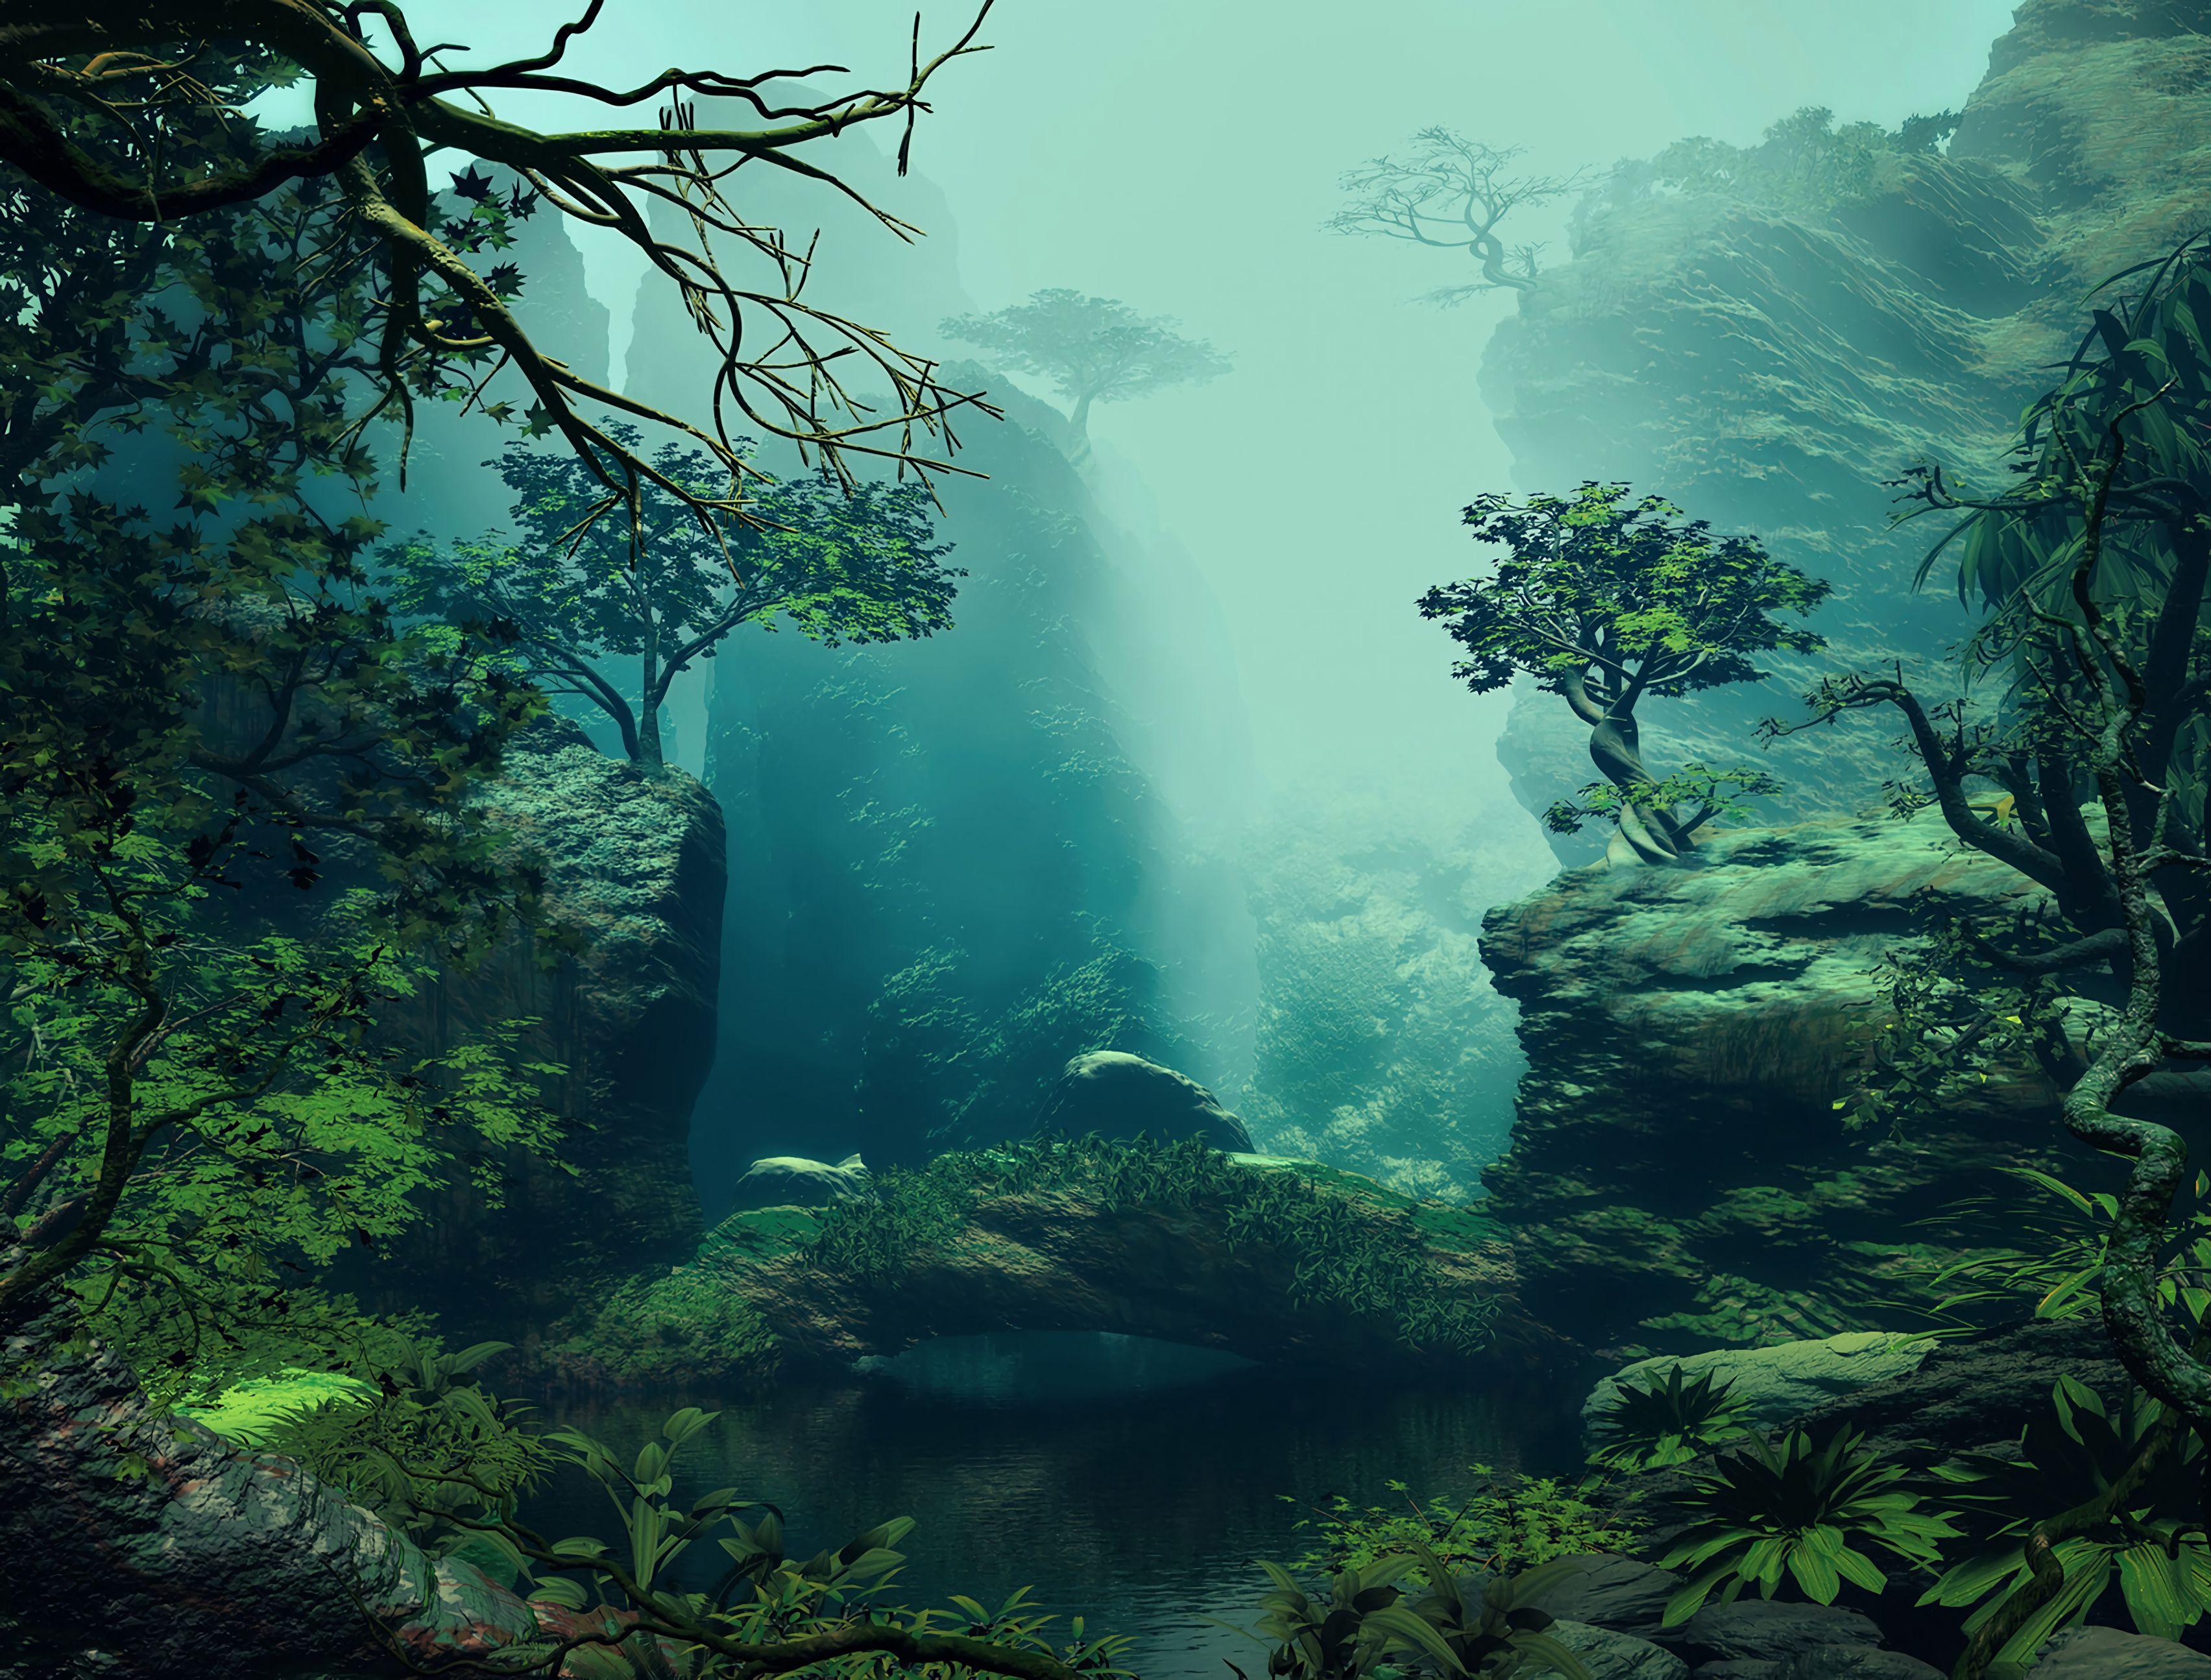 116968 скачать обои Лес, Деревья, Арт, Пейзаж - заставки и картинки бесплатно